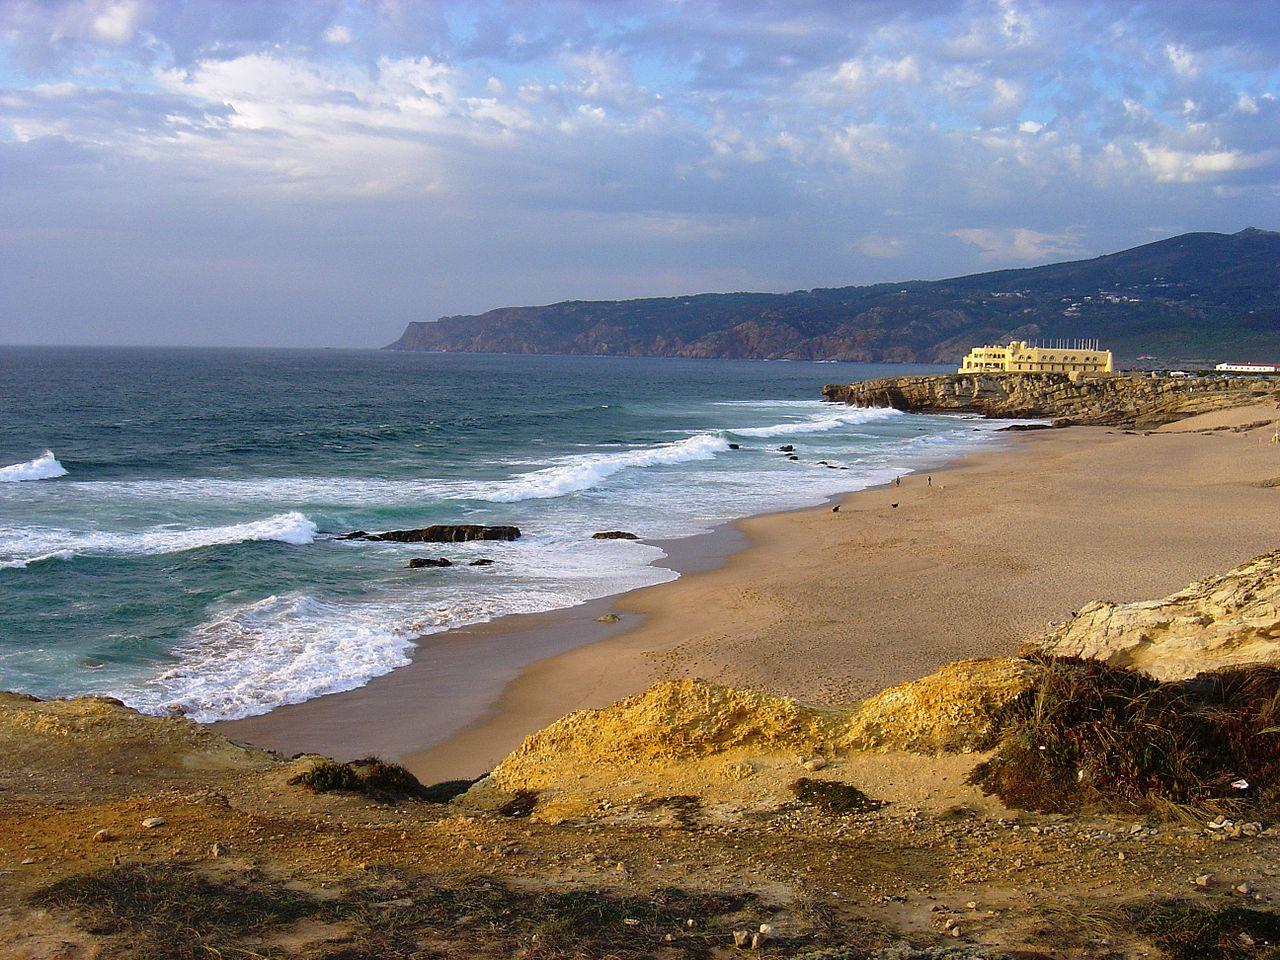 Vista de la playa de Guincho